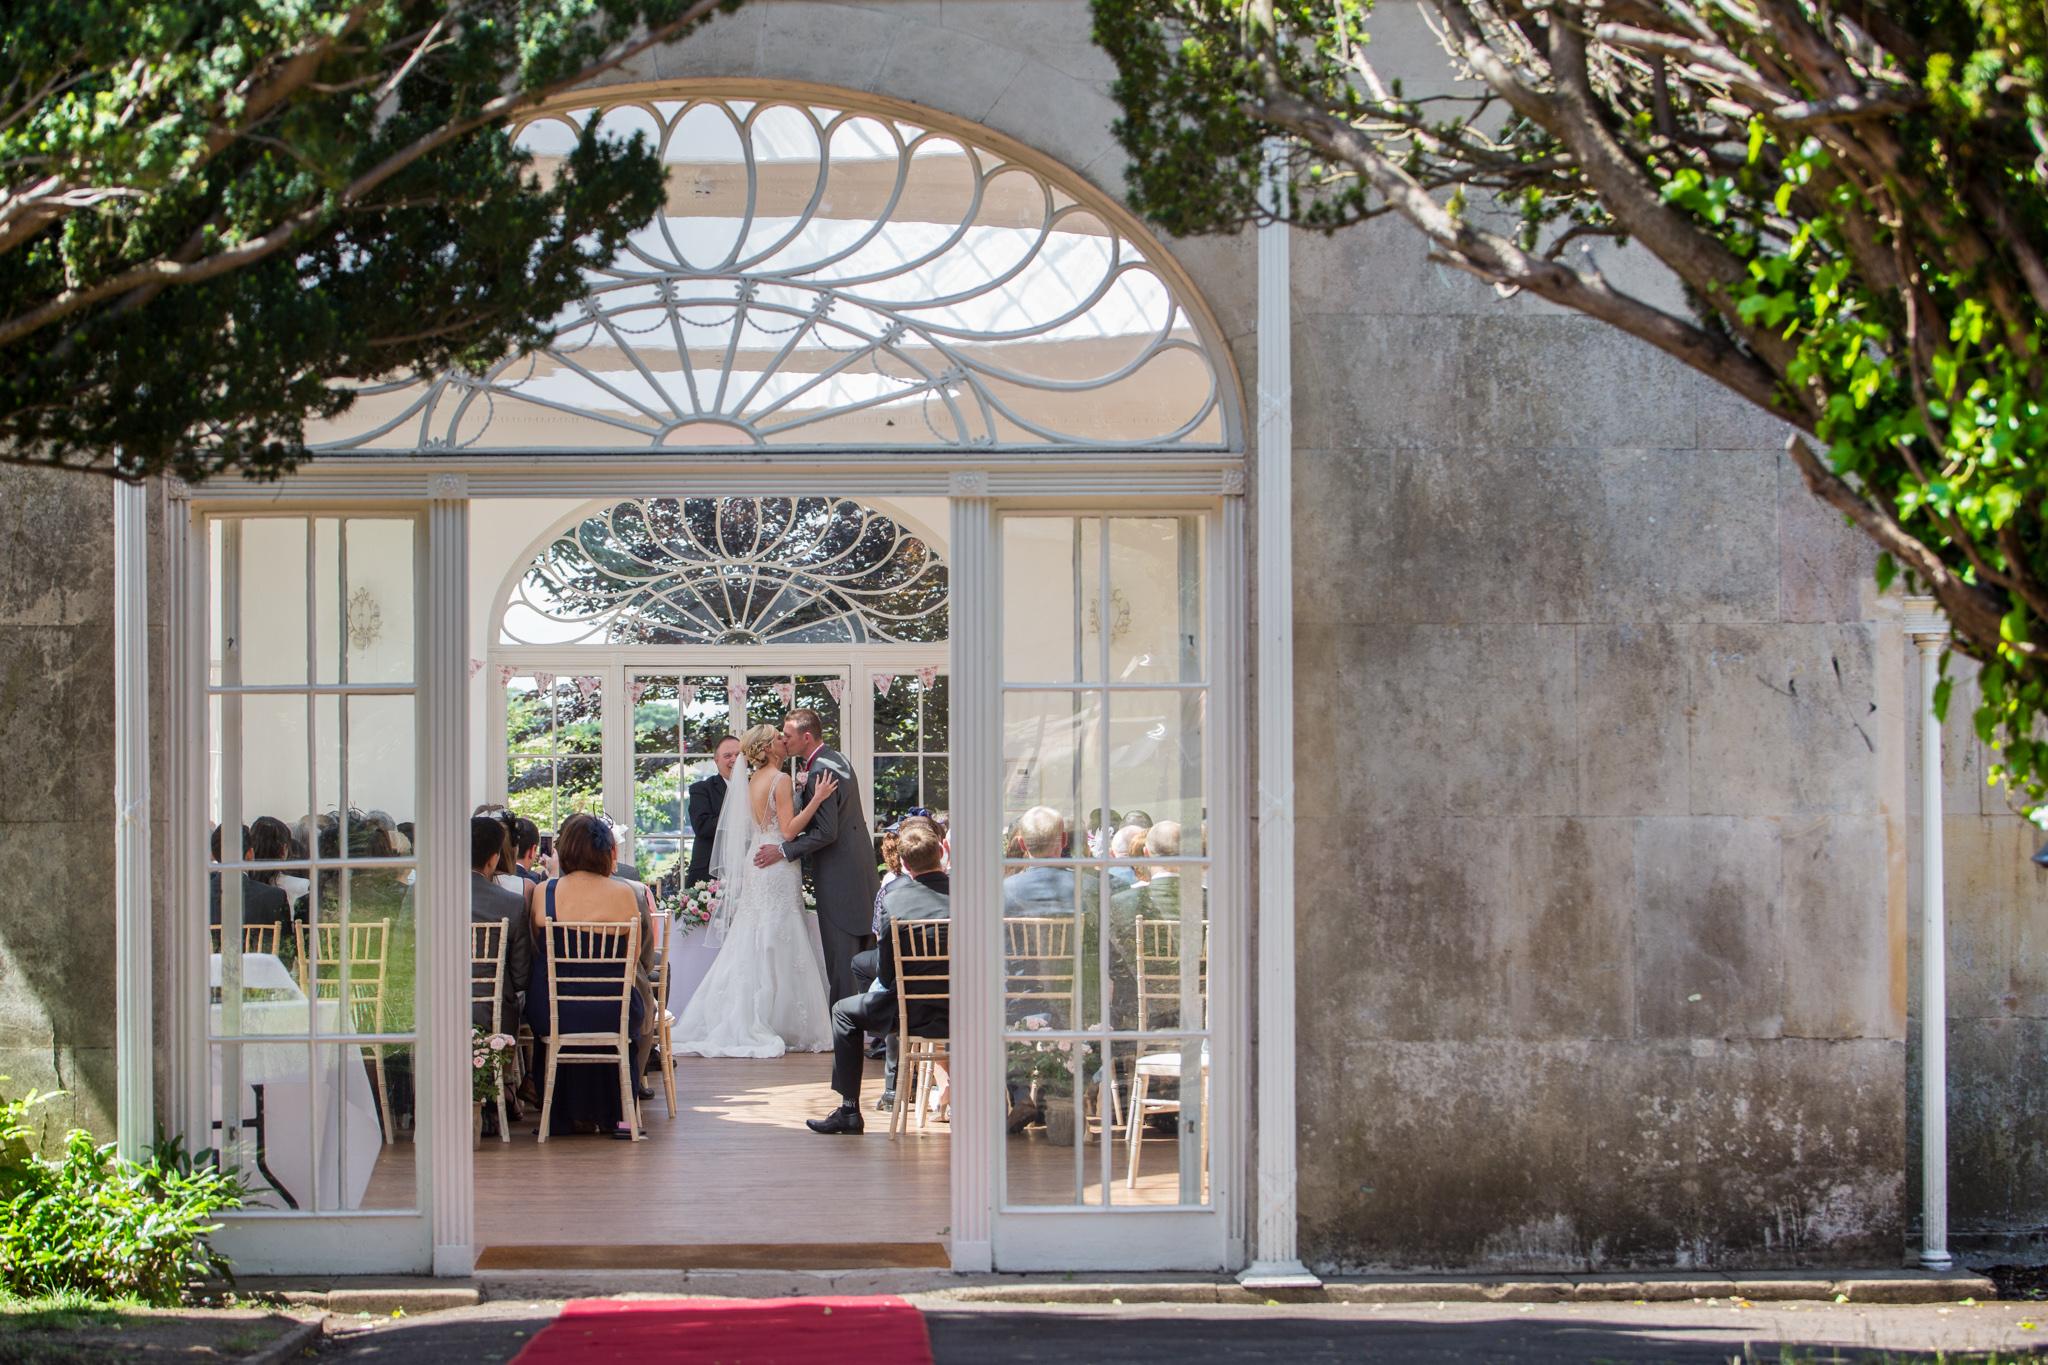 Barton Hall Wedding Photography - Chris & Becca